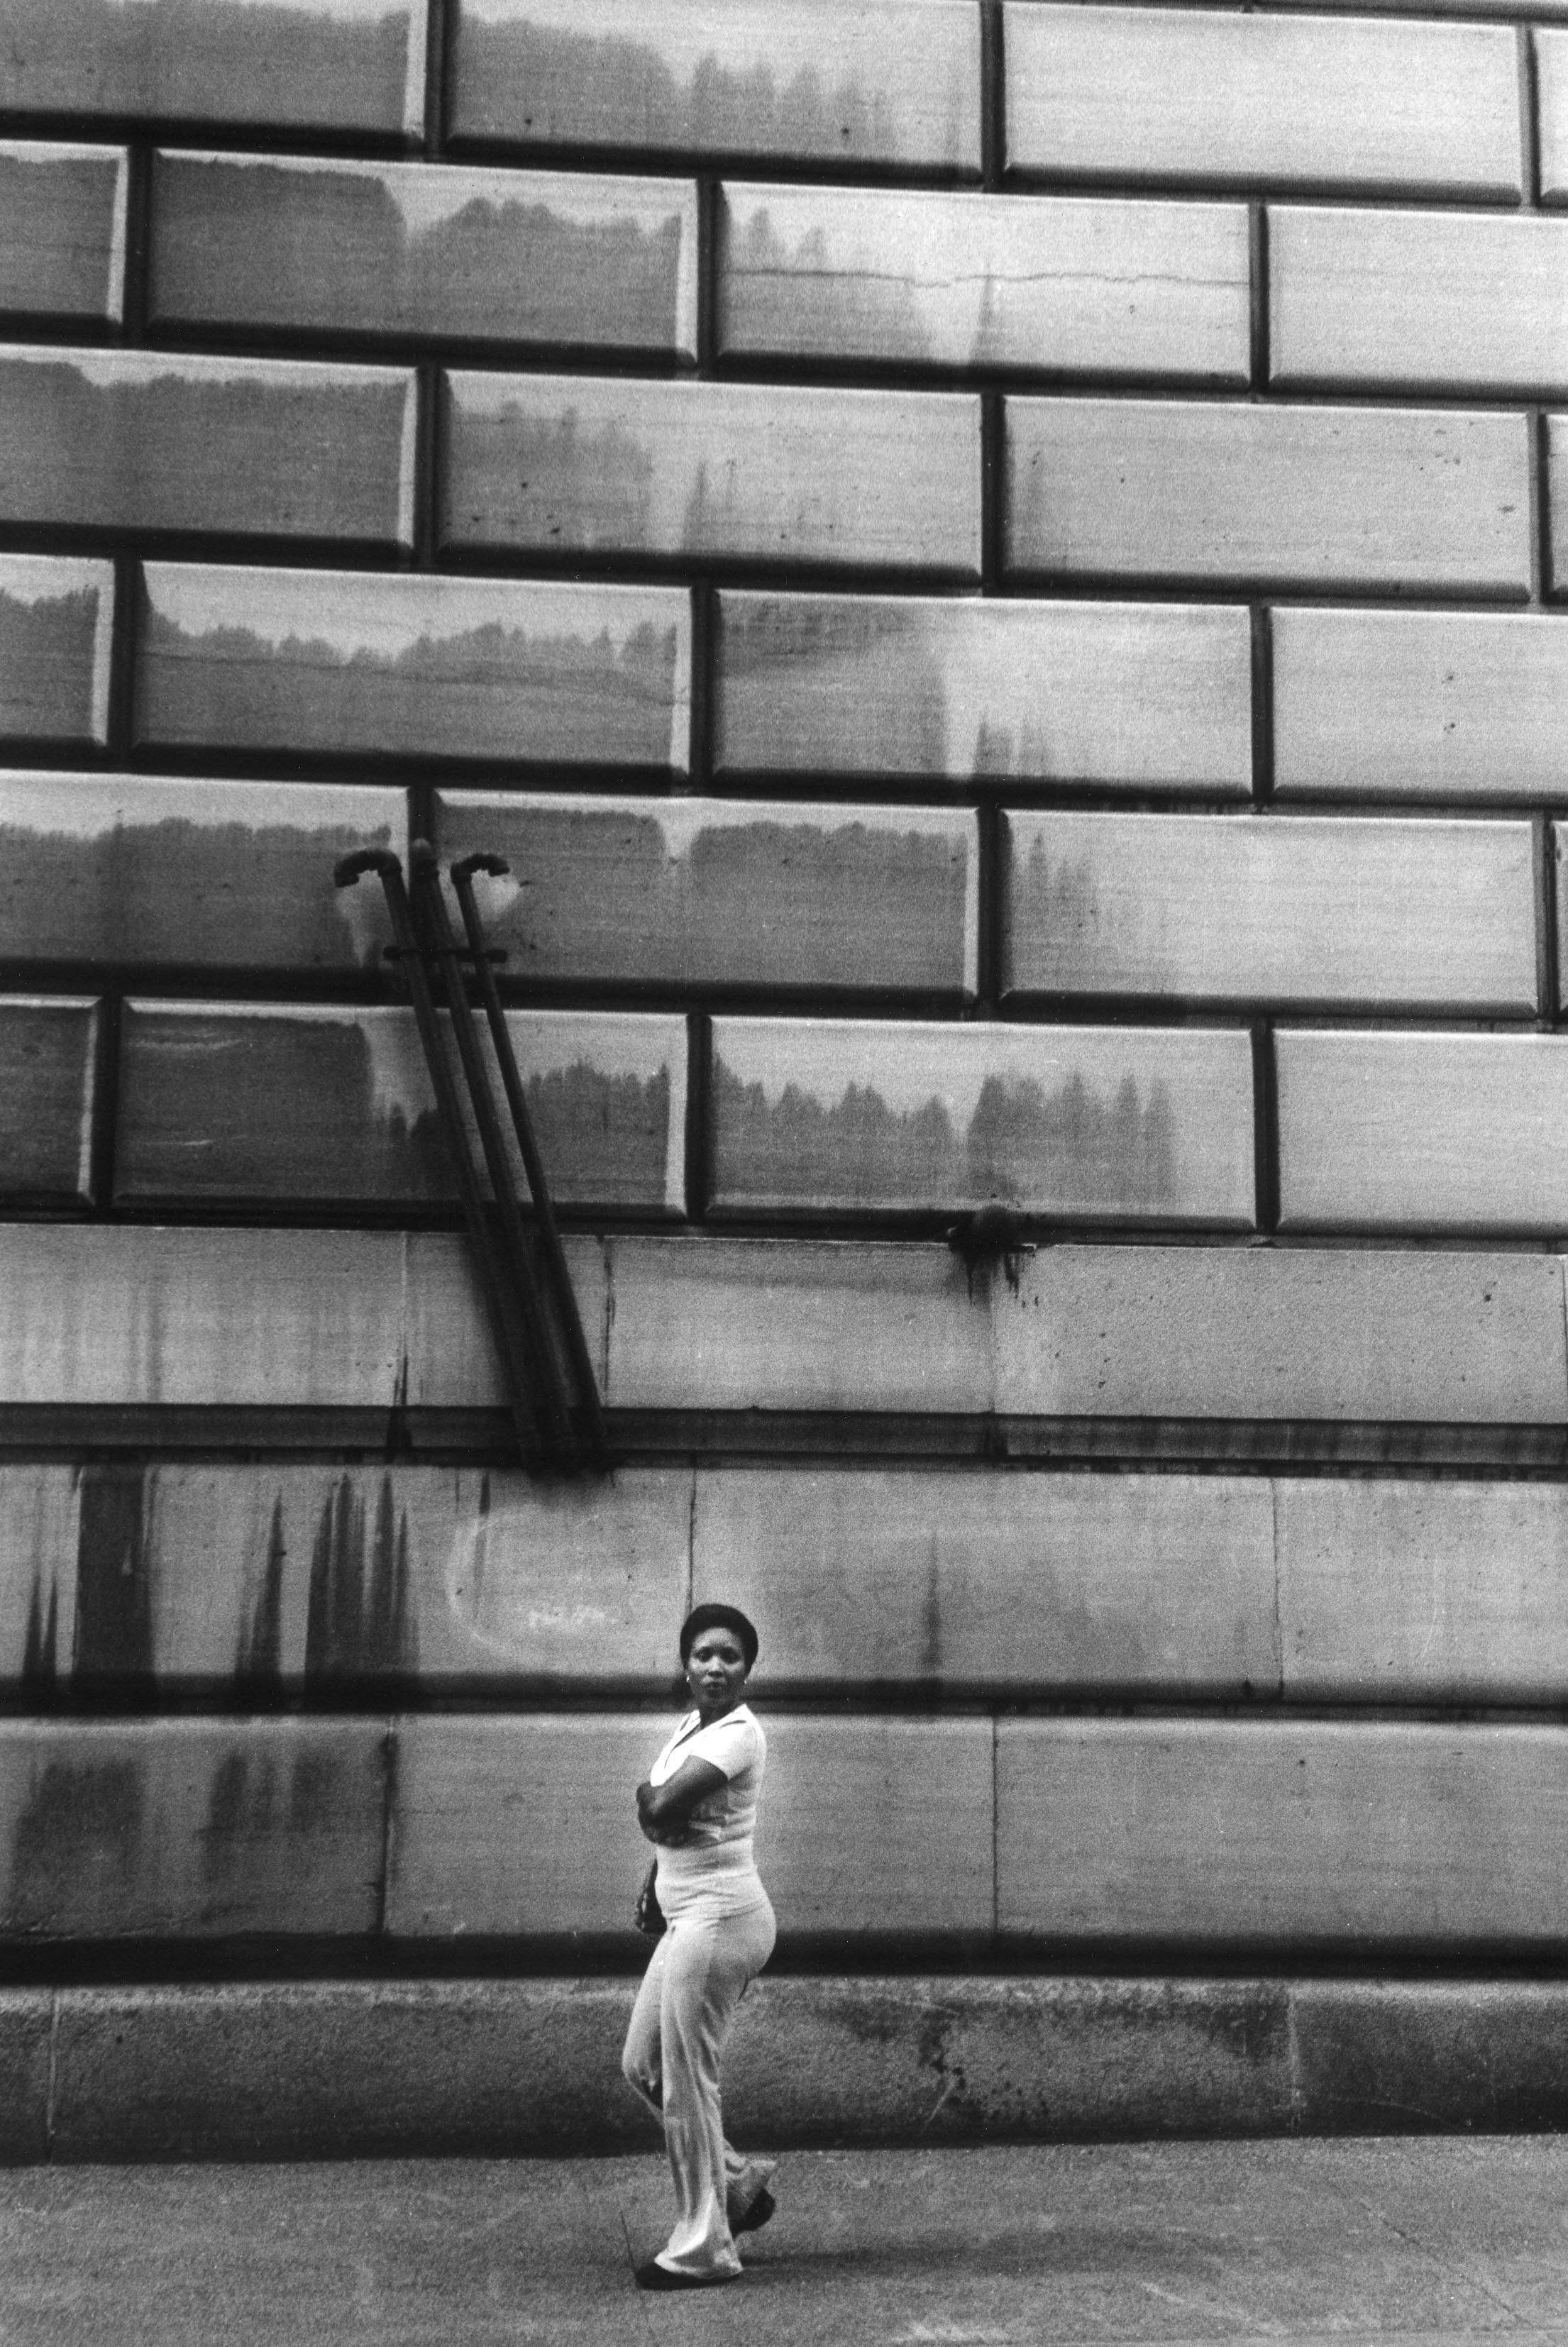 Le mur, Montréal 2005